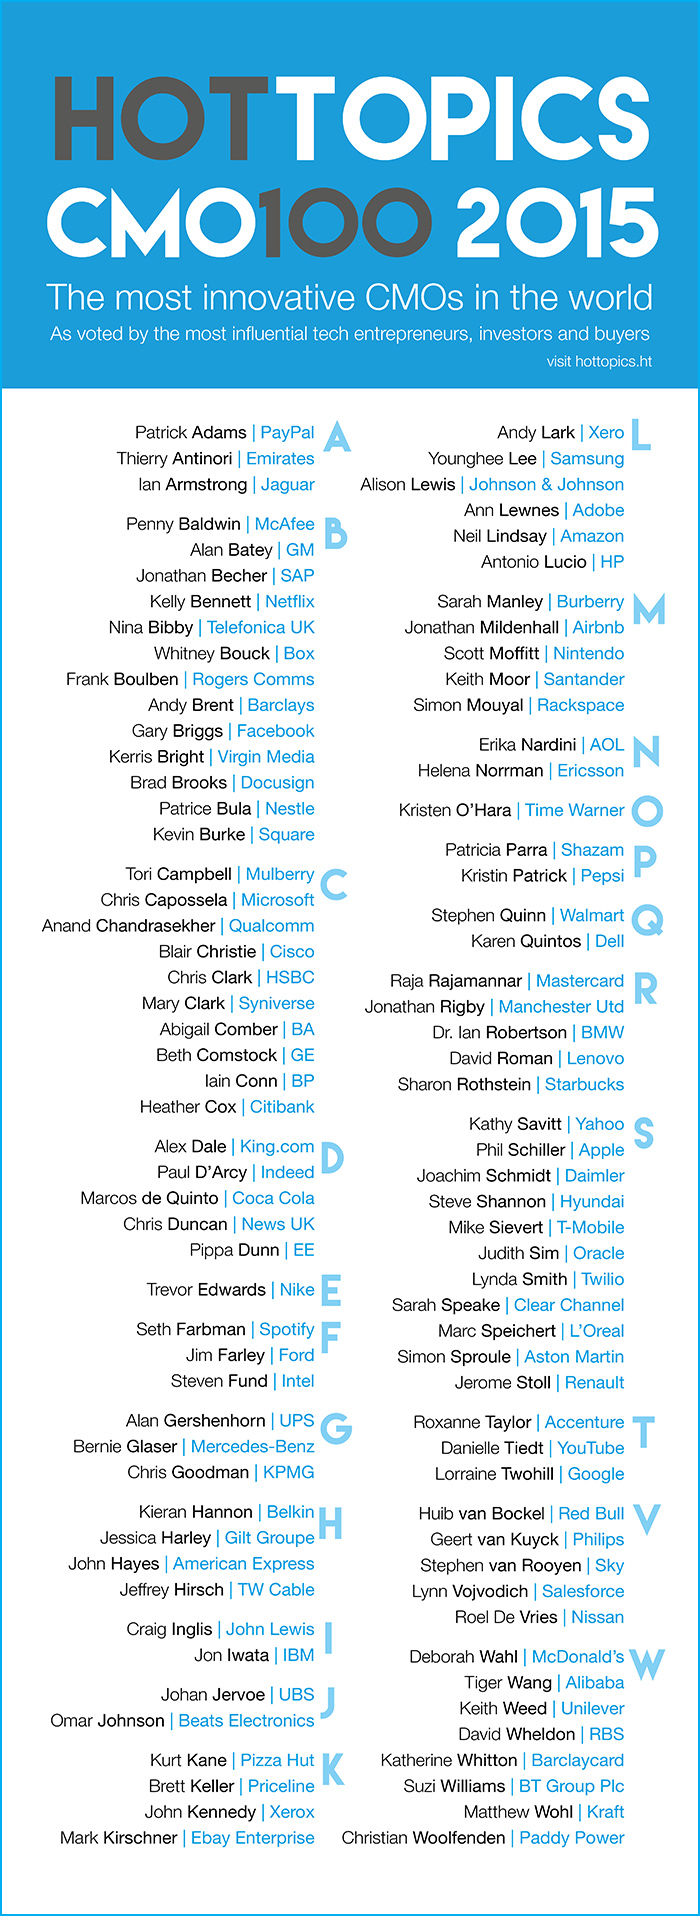 Top 100 responsables de marketing más innovadores 2015